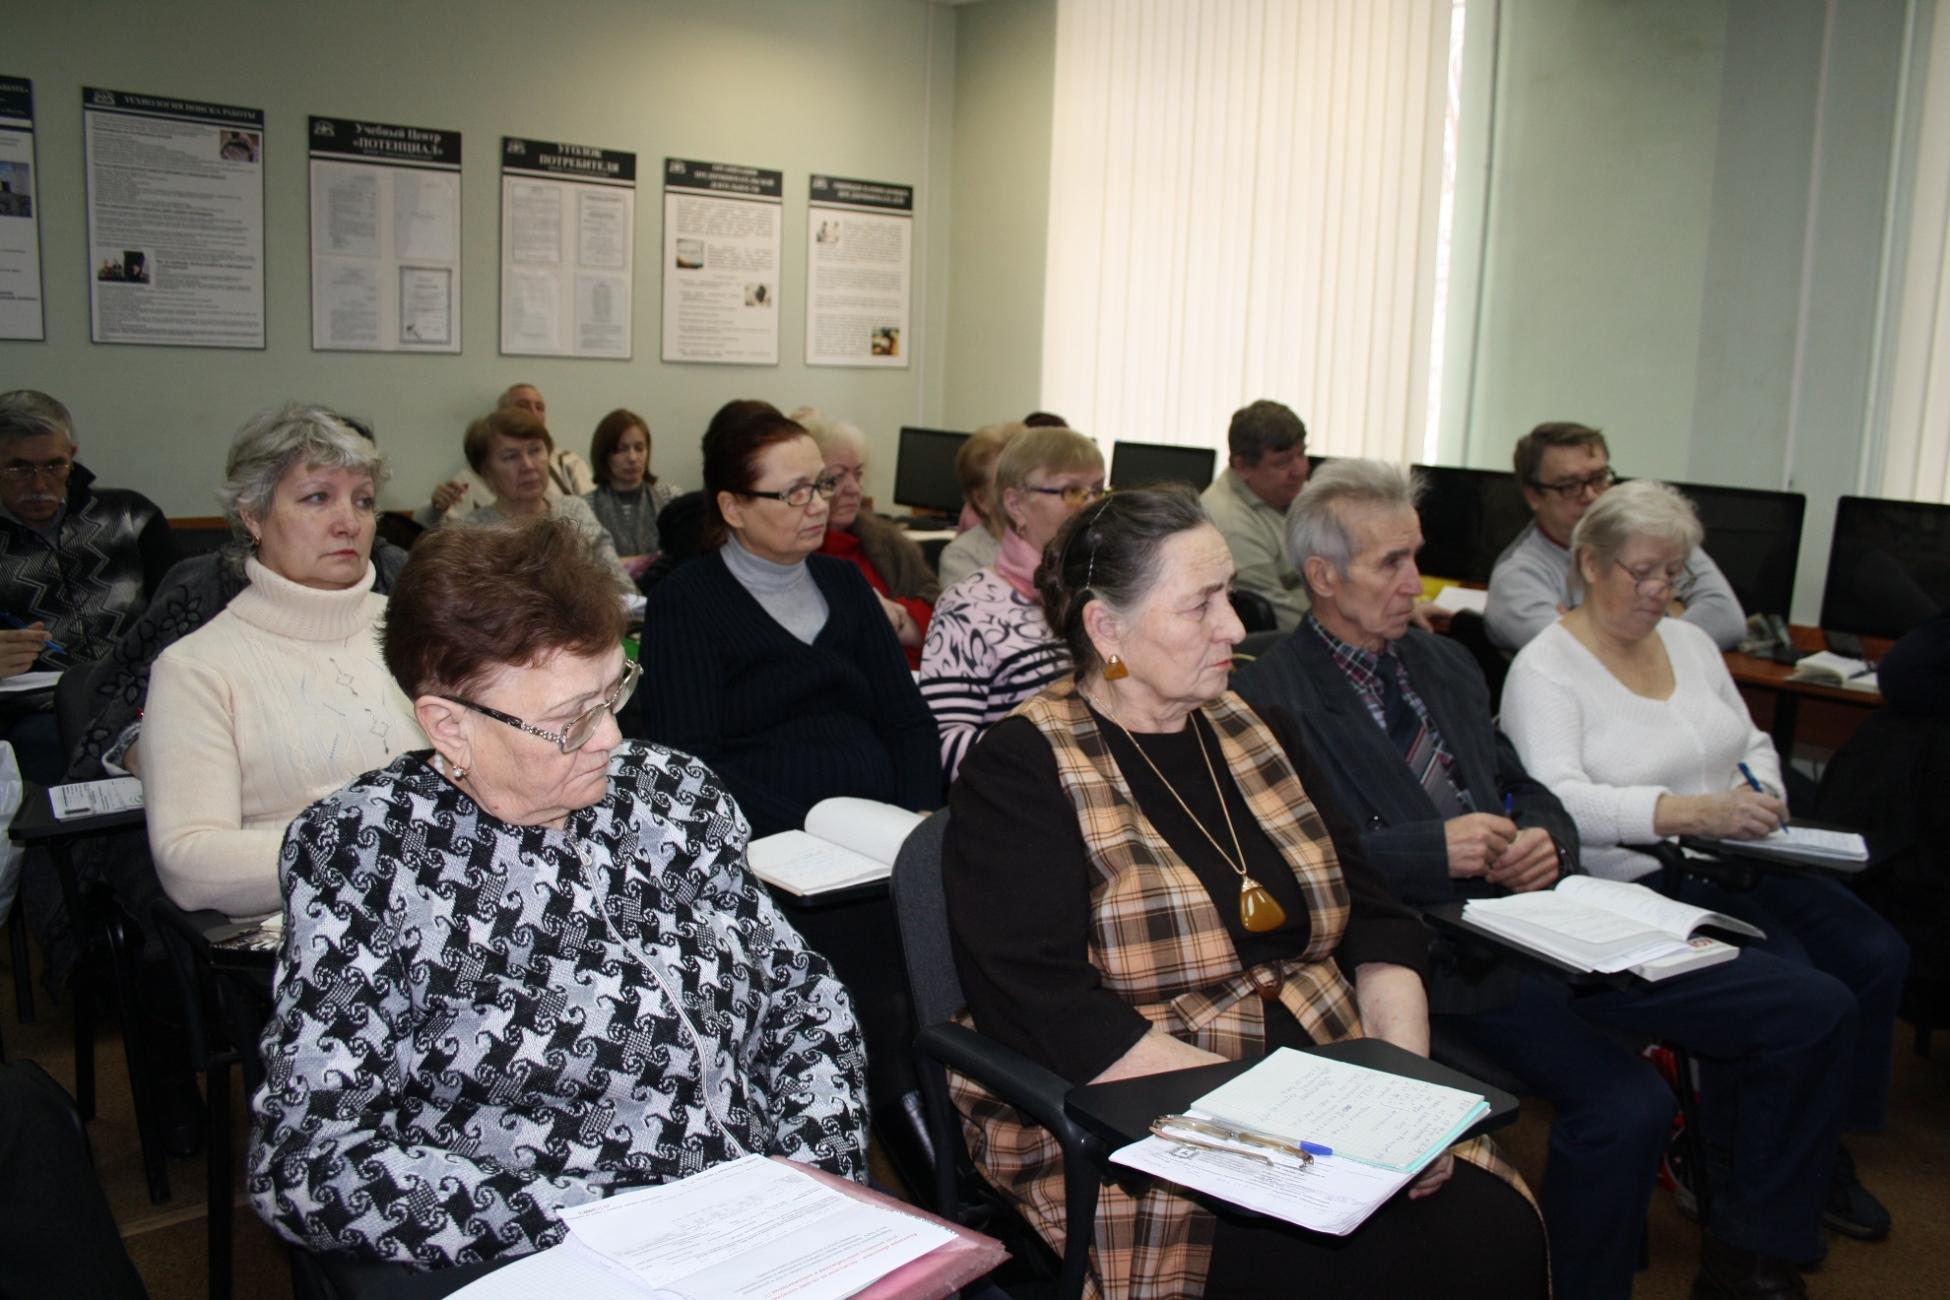 прошел очередной курс лекций повышения финансово-юридической грамотности участников программы «Статус: Онлайн»